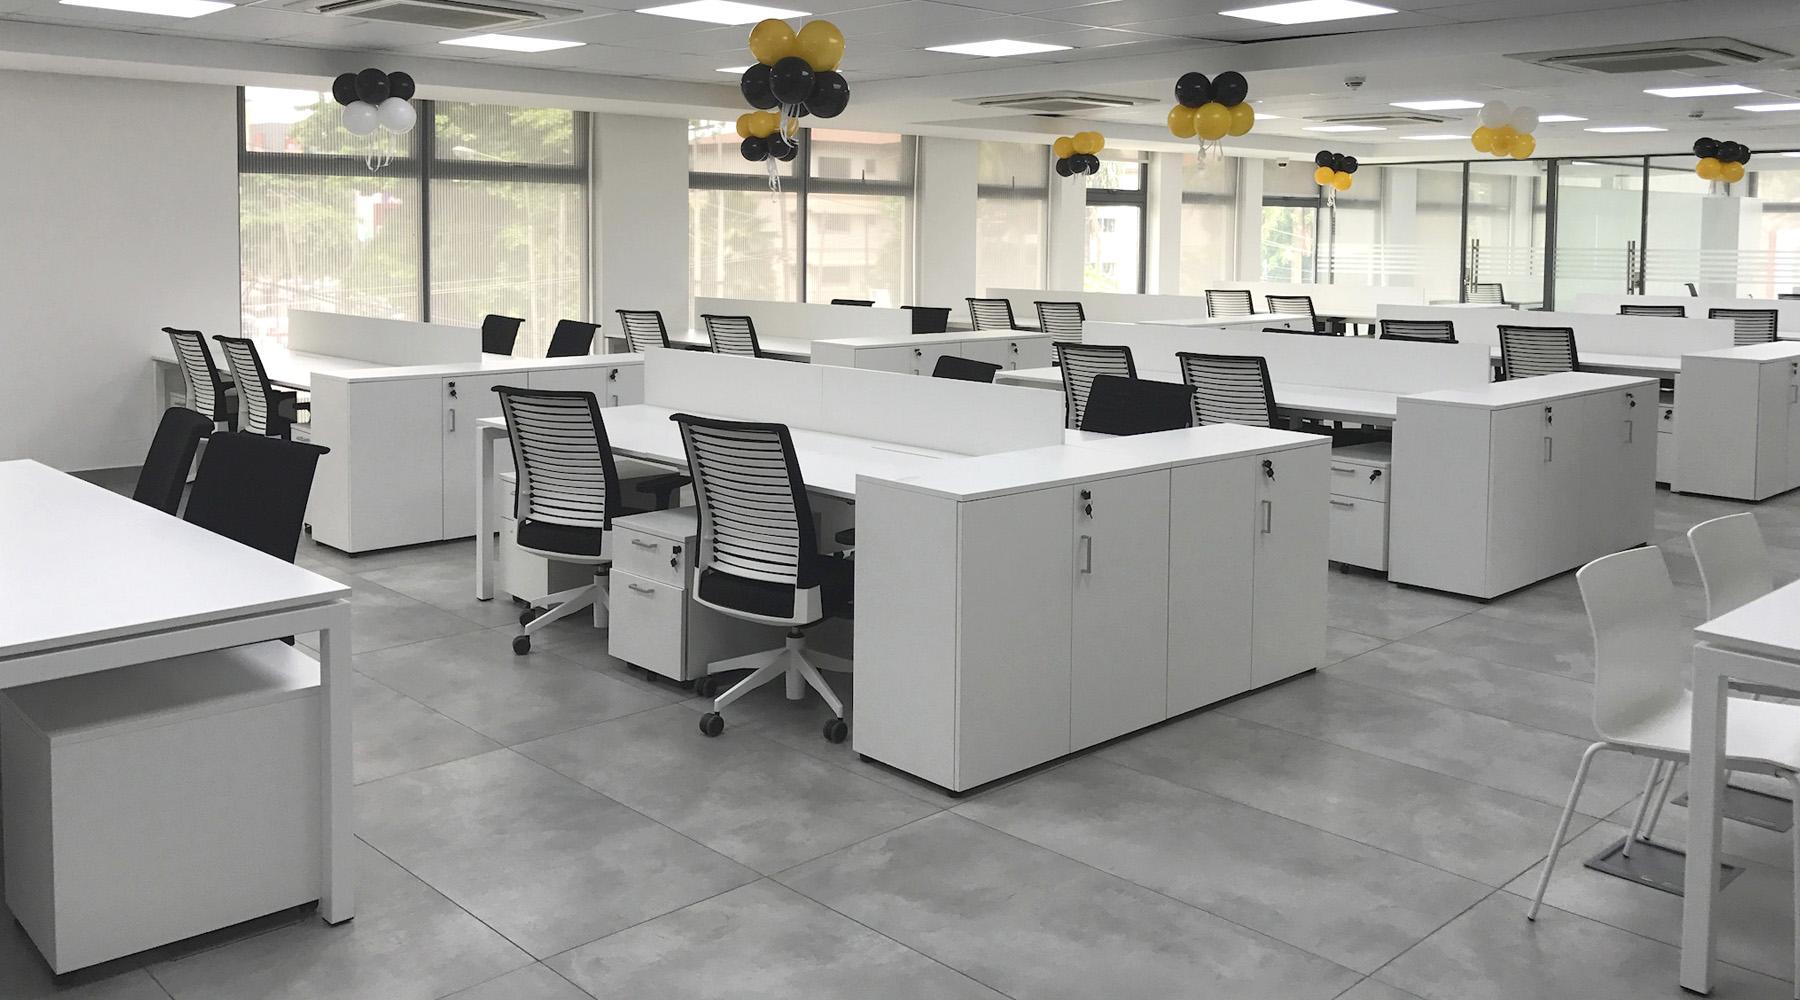 suelosytechos oficinas galeria5 - suelos y techos tecnicos